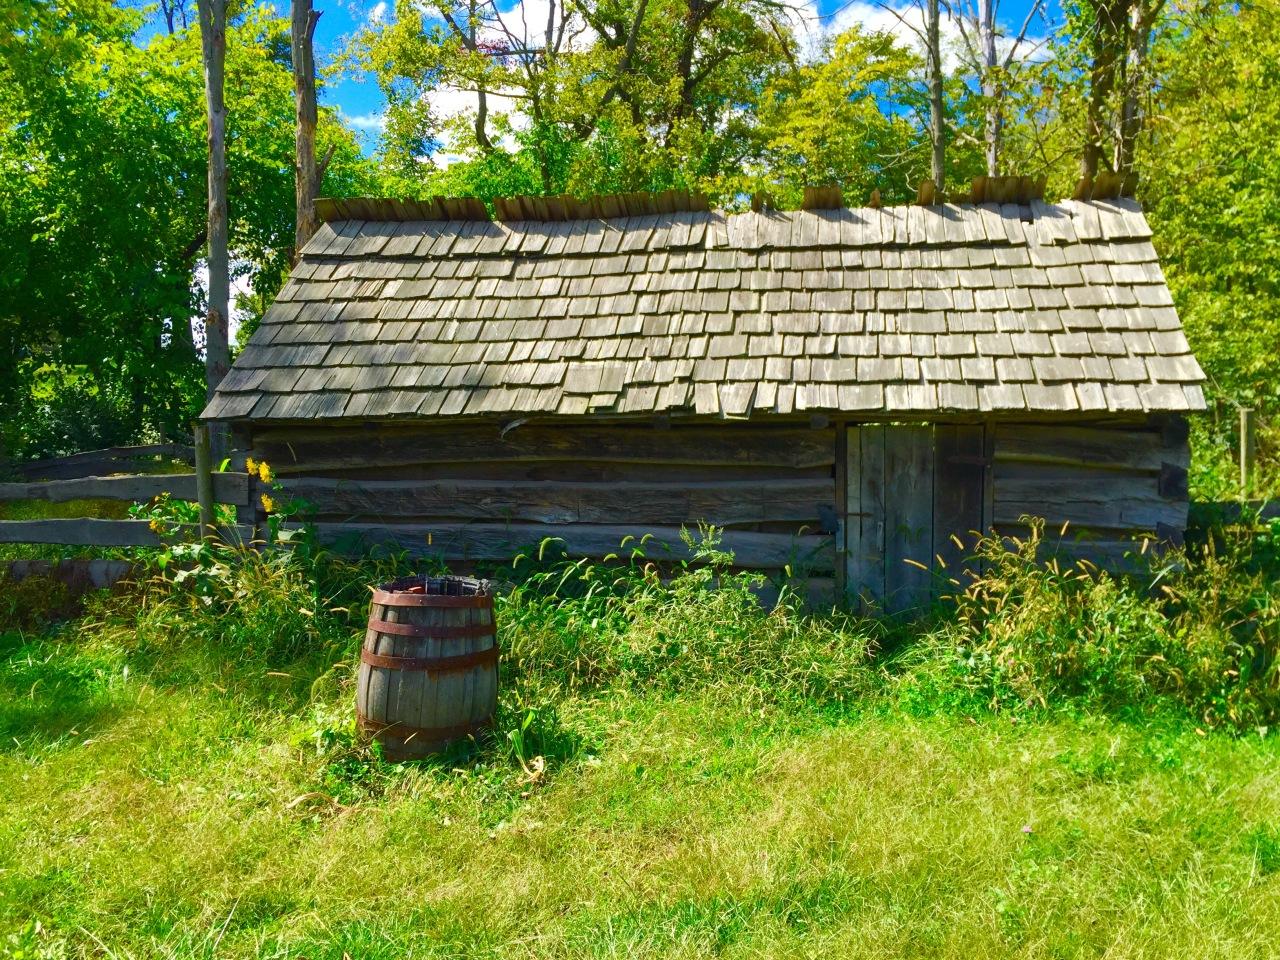 Lincoln's Cabin (26)